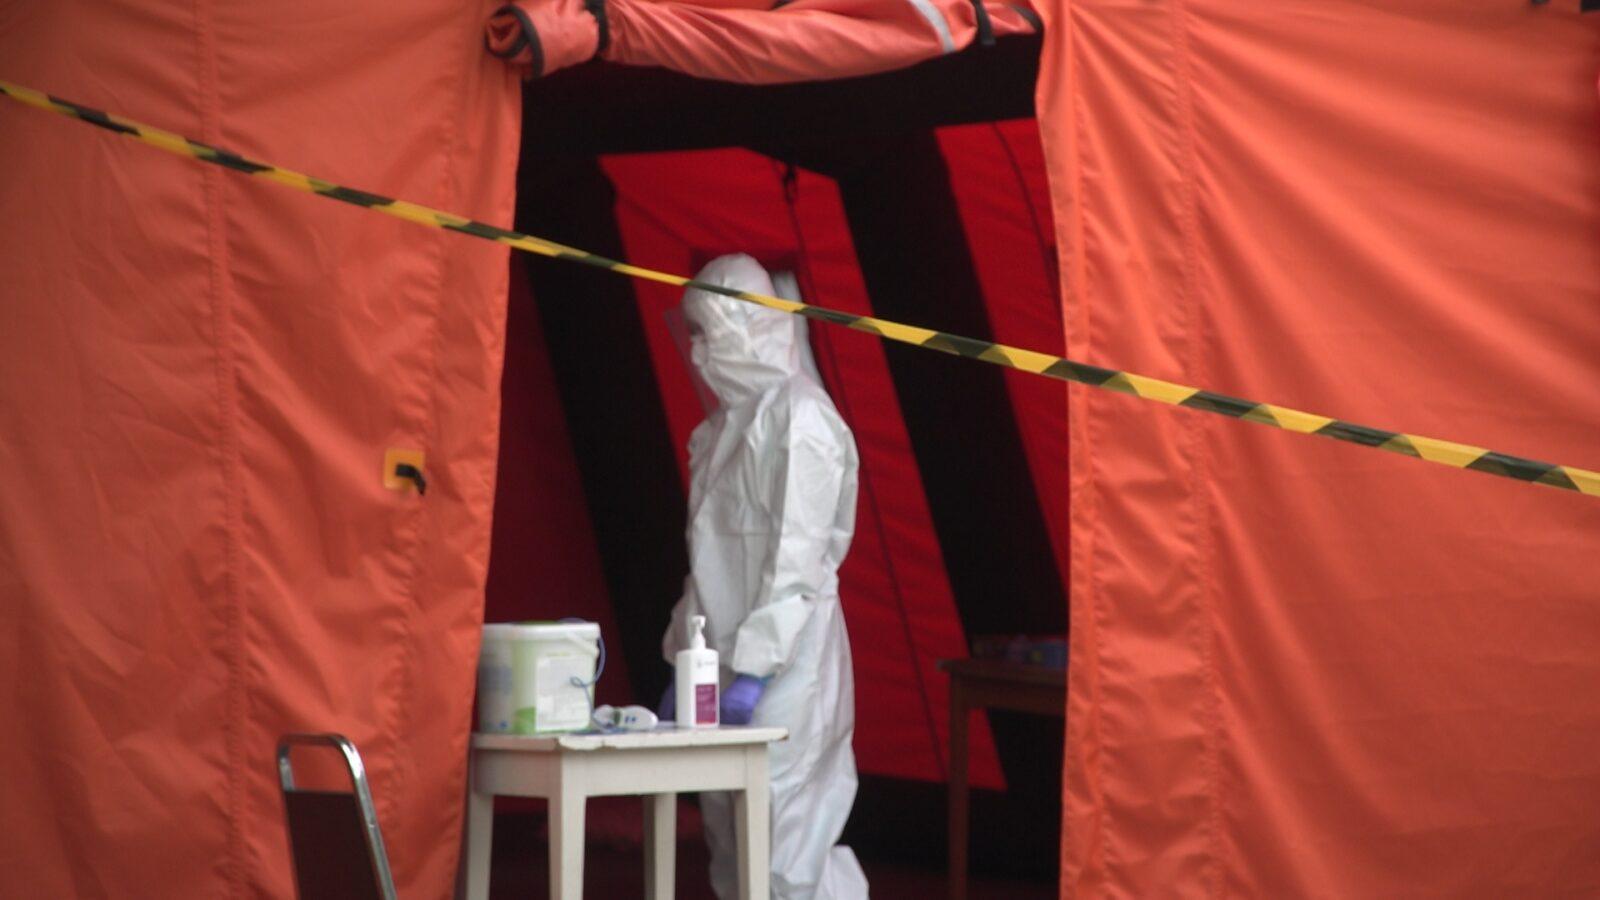 Koronawirus zdaniem naukowców pojawił się już w październiku 2019 roku. Nadzór pandemiczny nie był przygotowany na taki rodzaj zagrożenia